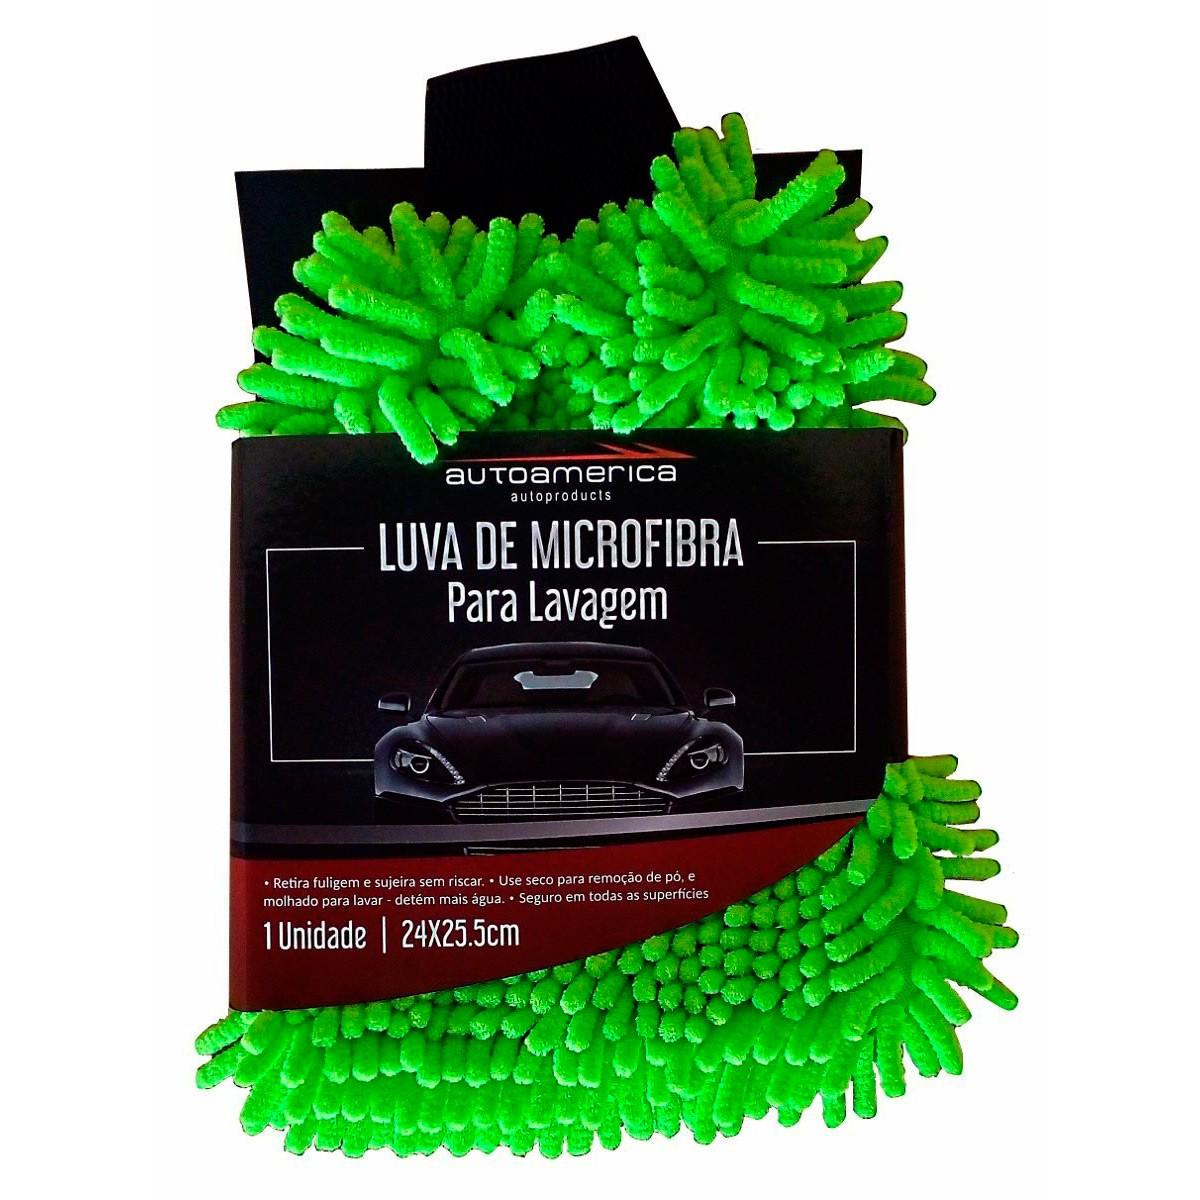 Luva de Lavagem Micro Fibra para Lavagem - Autoamerica